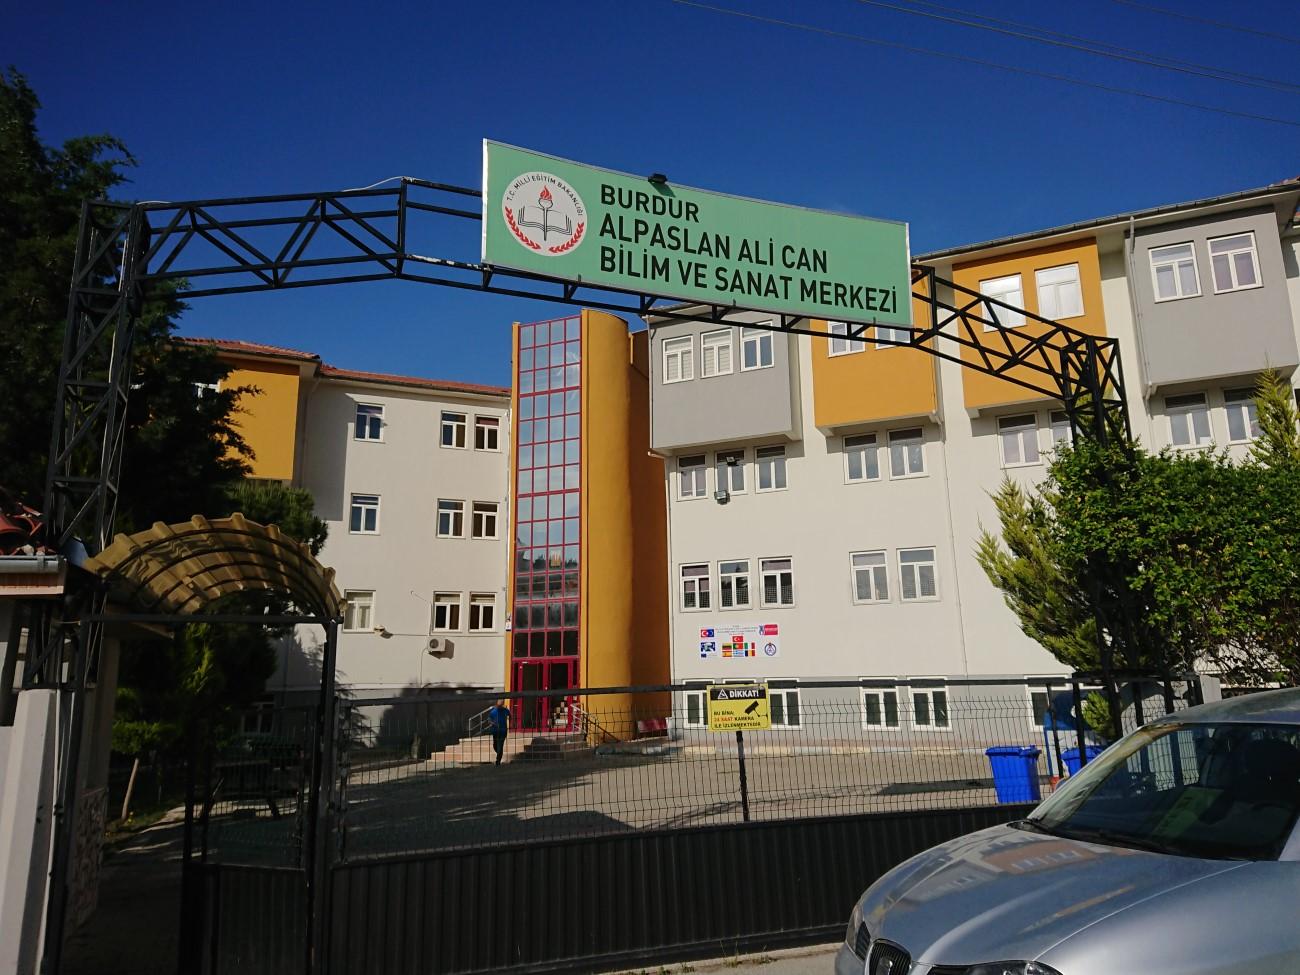 Burdur Alpaslan Ali Can Bilim ve Sanat Merkezi Türkiye 1.si